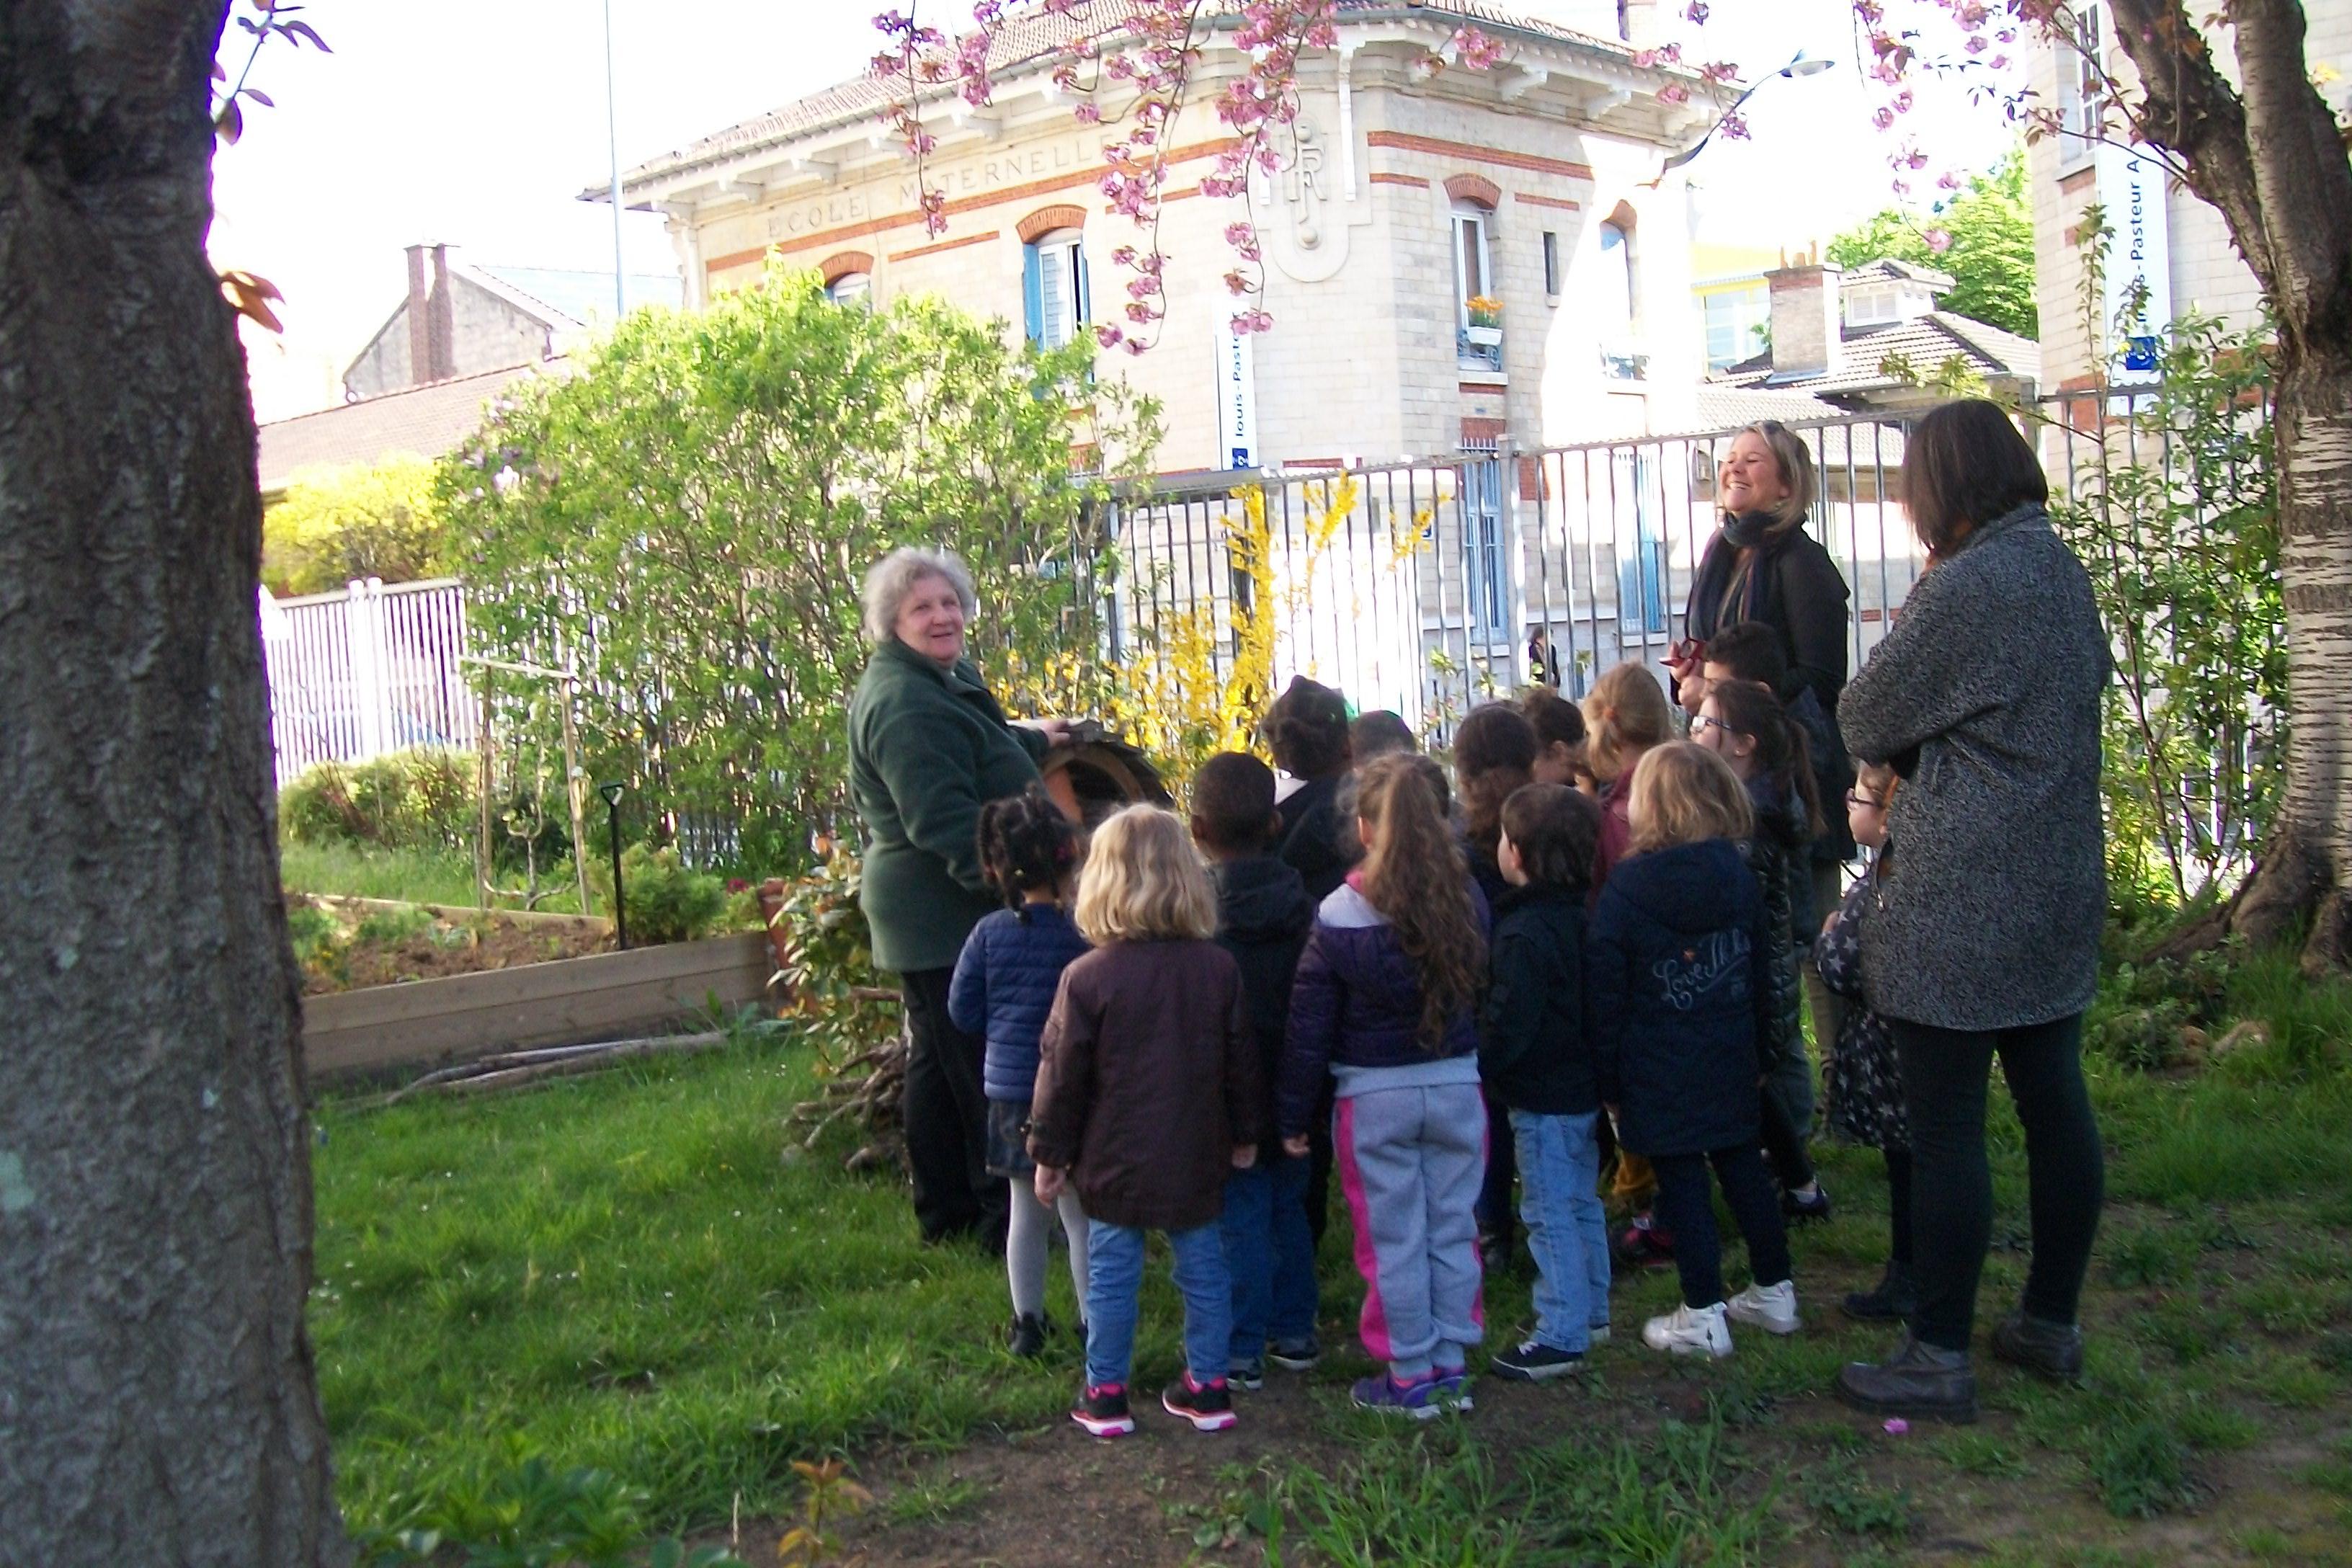 Les Brigades Vertes de Clichy la Garenne Clichy